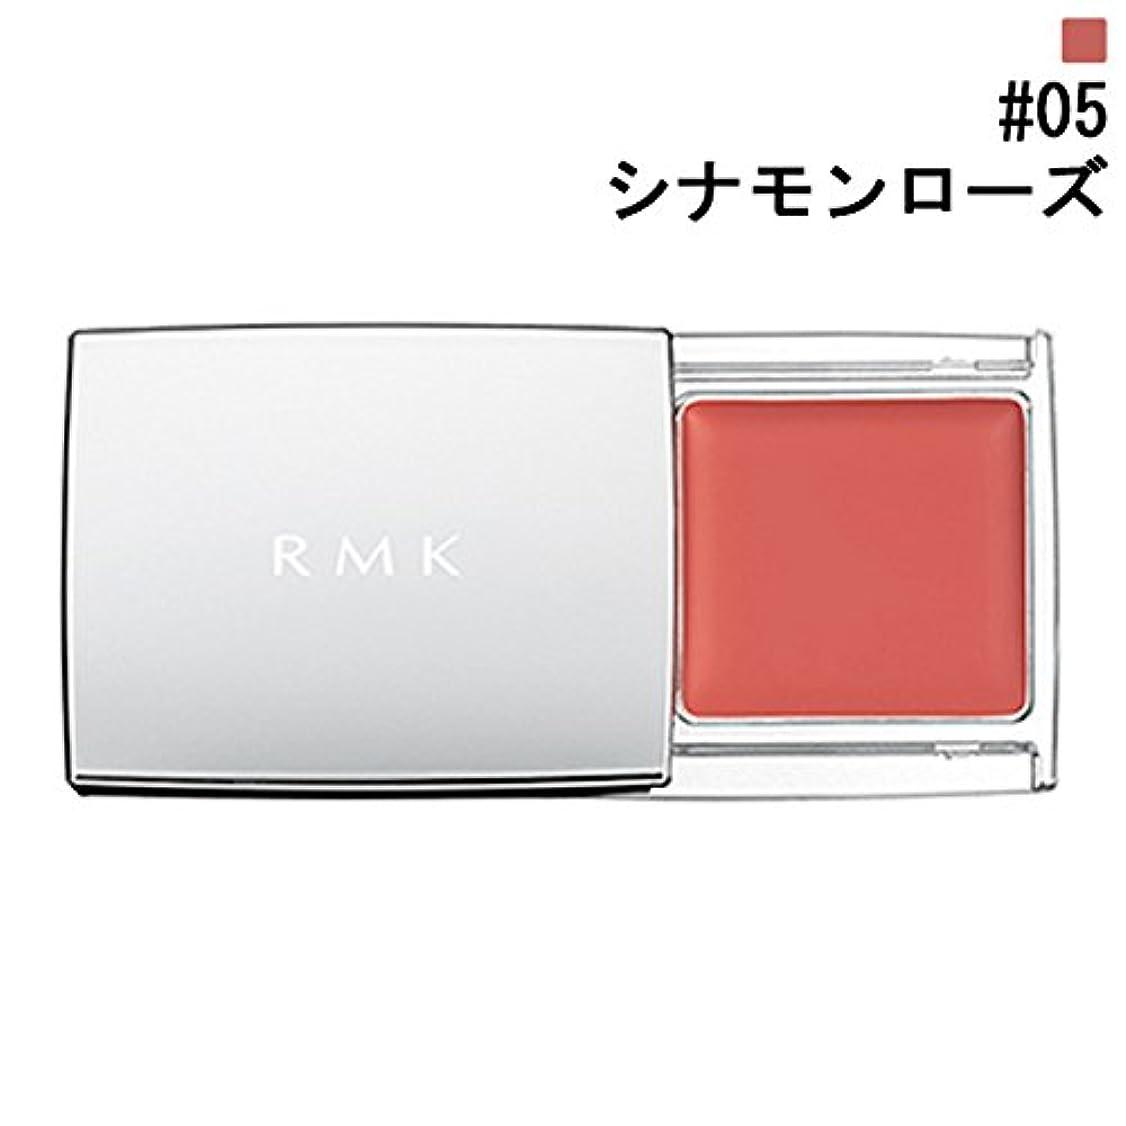 対したがって光【RMK (ルミコ)】RMK マルチペイントカラーズ #05 シナモンローズ 1.5g